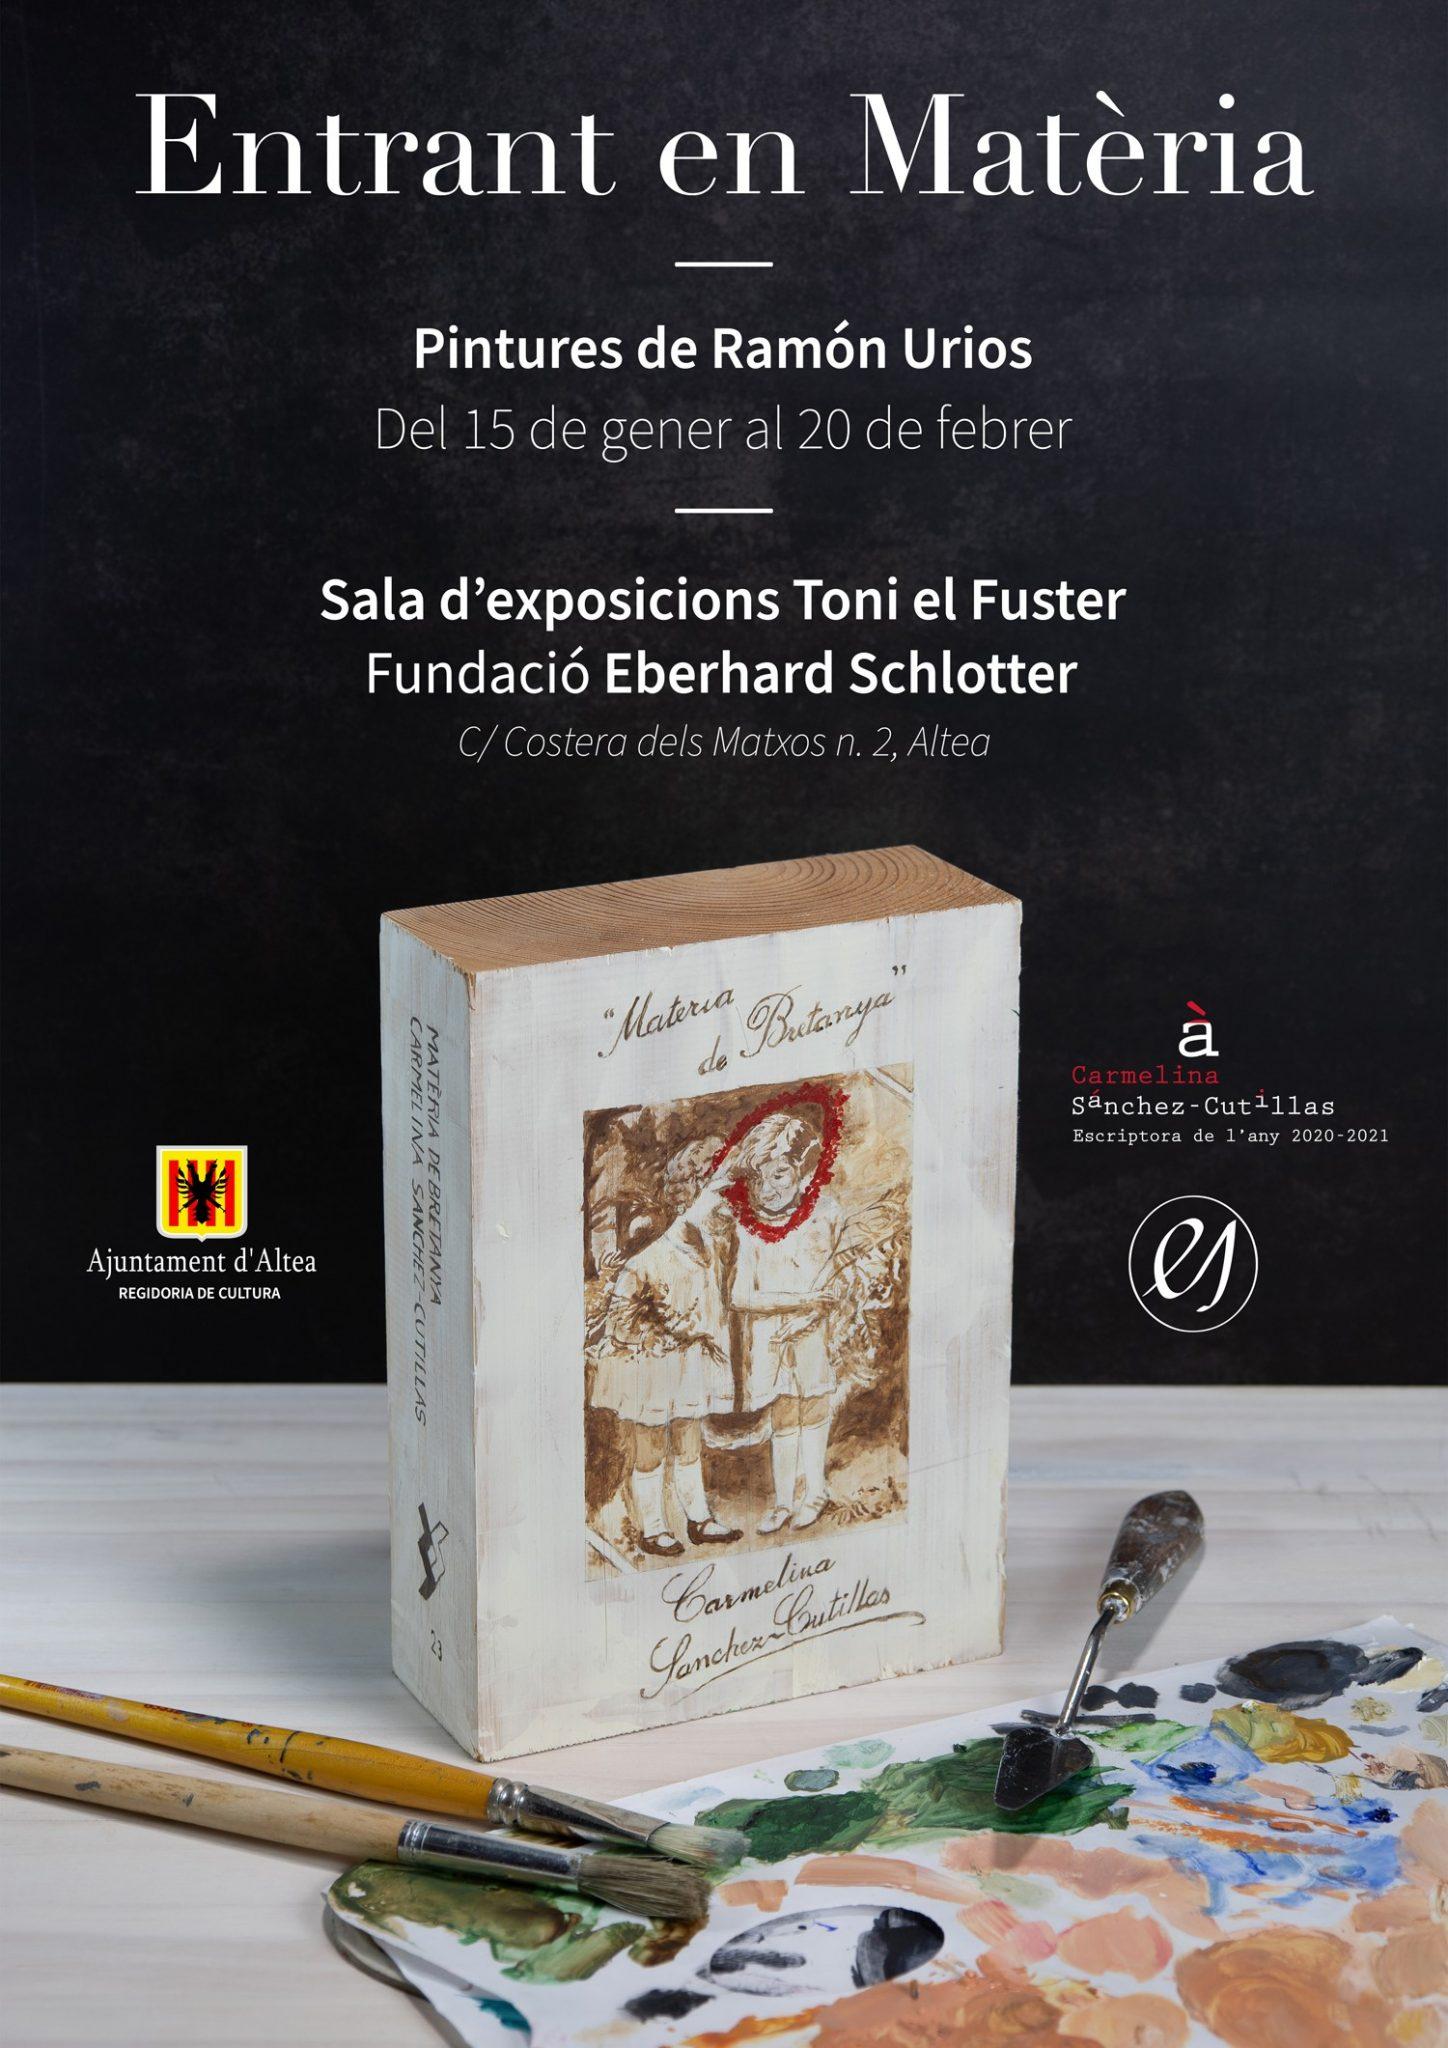 """La Casa Toni el Fuster-Fundación Schlotter acoge la exposición """"Entrant en Matèria"""" de Ramón Urios. Se podrá visitar hasta el 20 de febrero de martes a viernes en horario de 11:00 a 14:00 y de 17:00 a 20:00 y los sábados de 11:30 a 13:30h."""